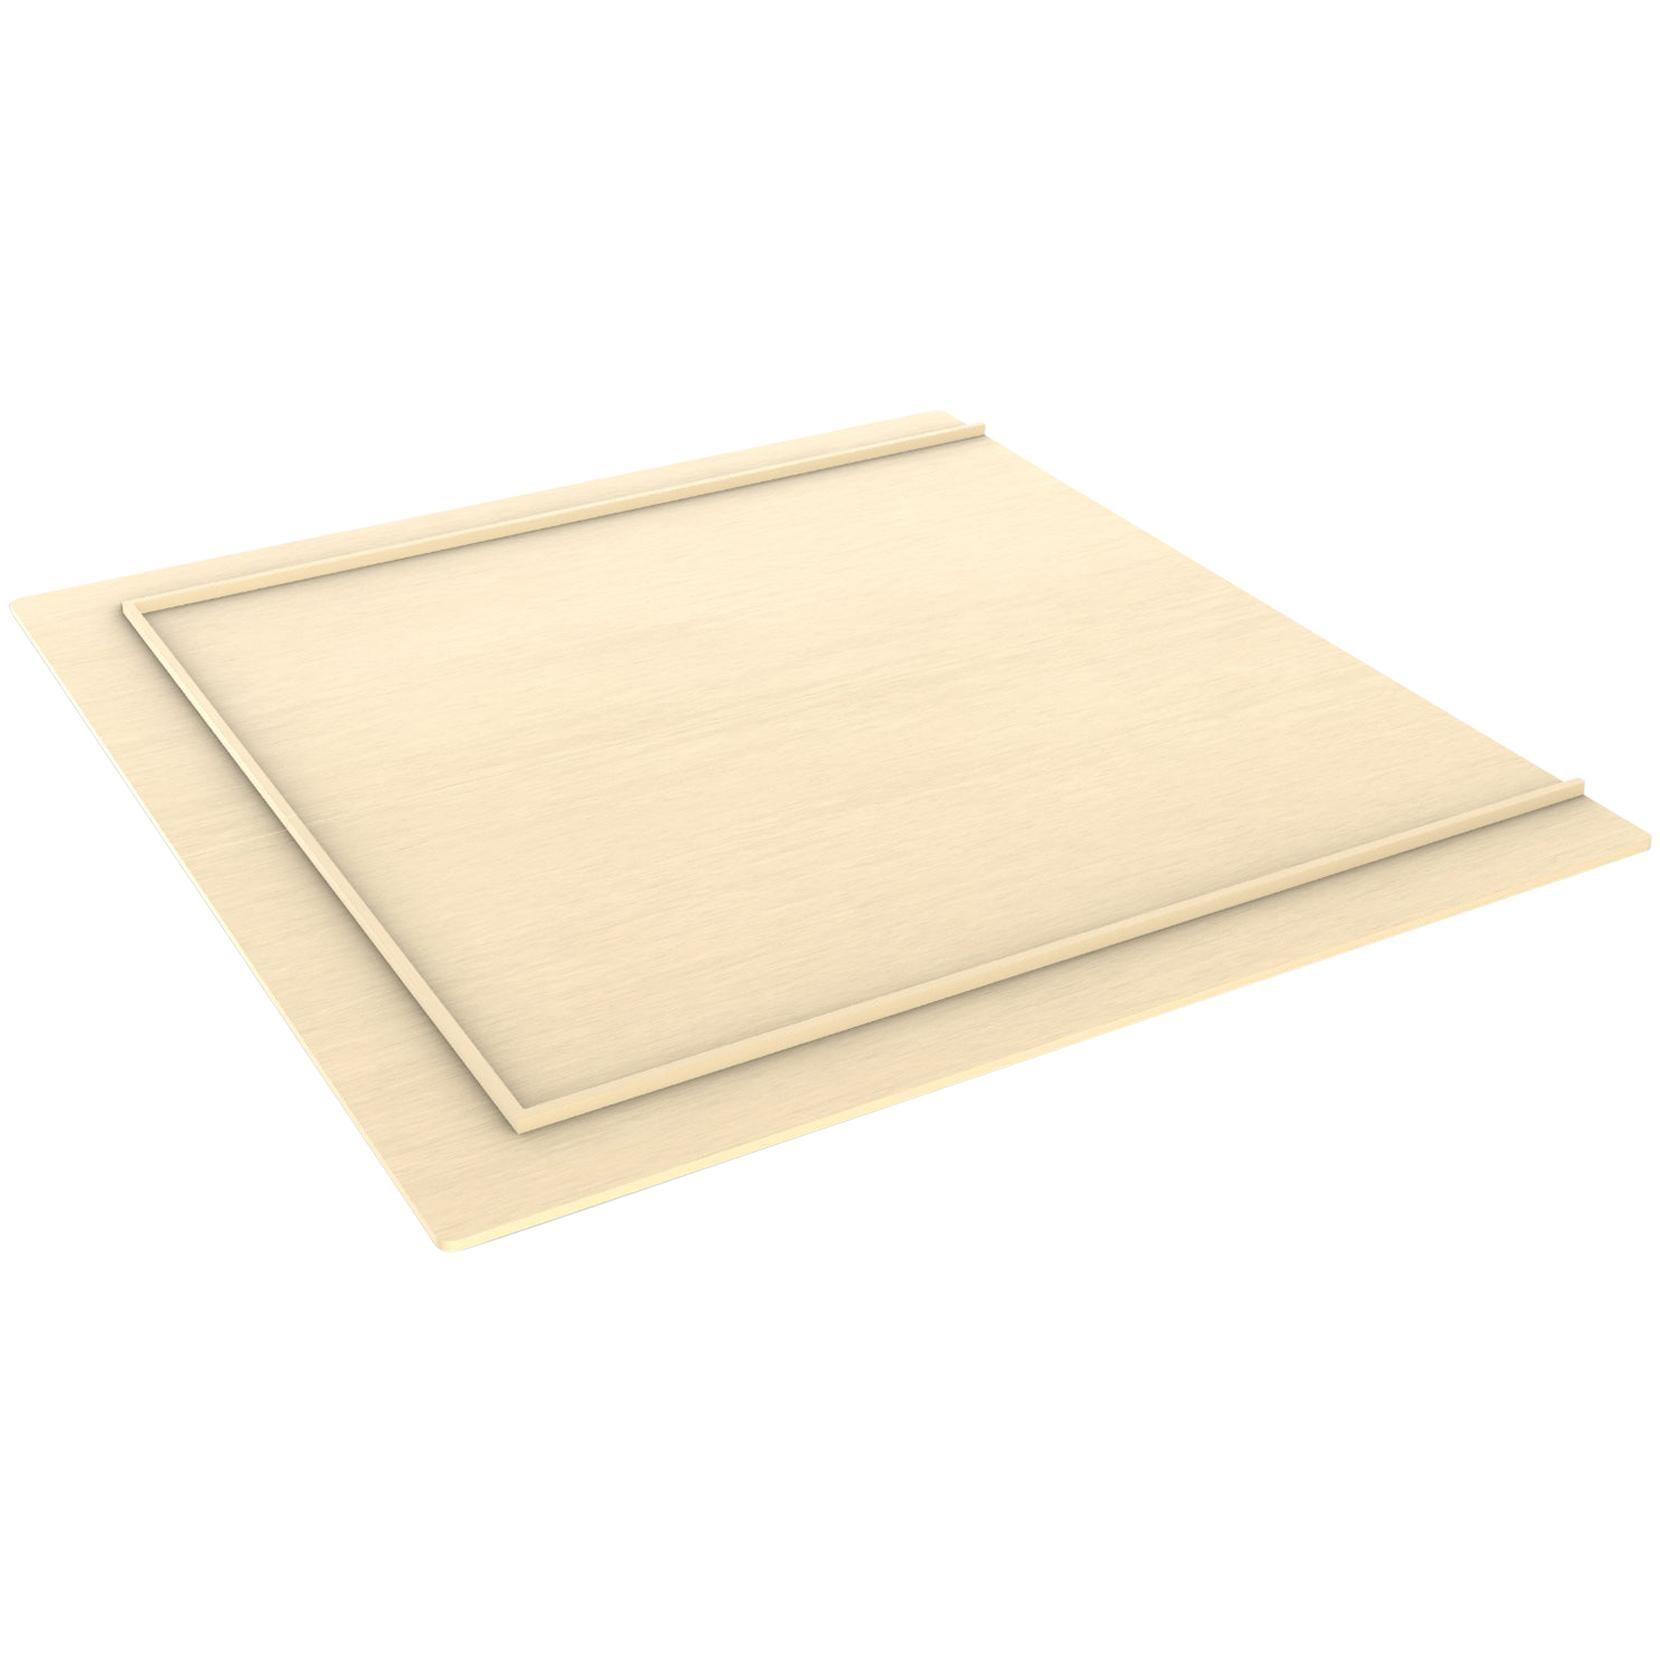 Minimalist Modern Maple Platform Queen Bed Frame, Judd Style